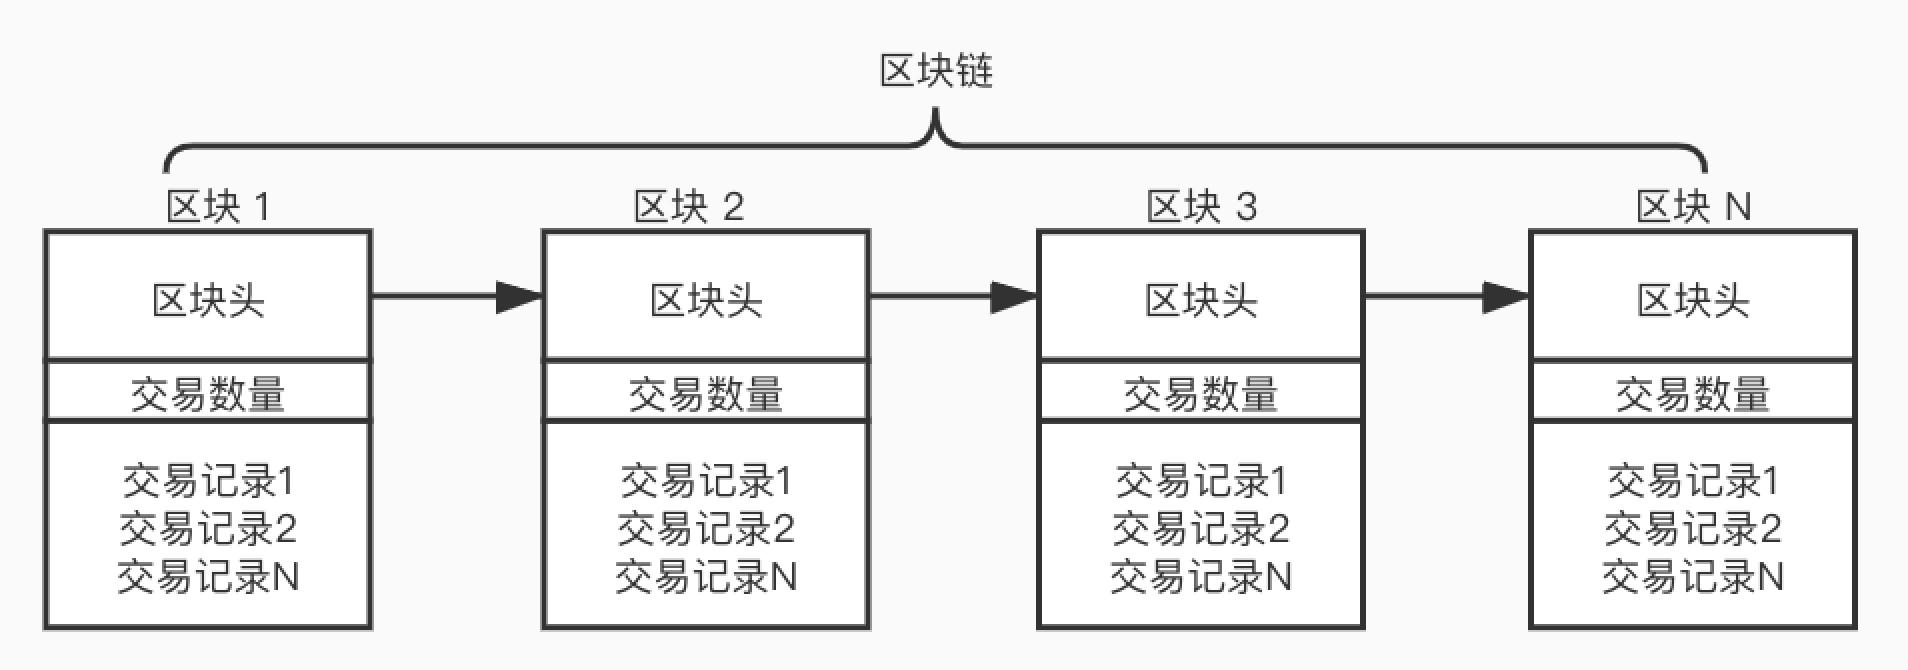 解读比特币区块链的数据结构